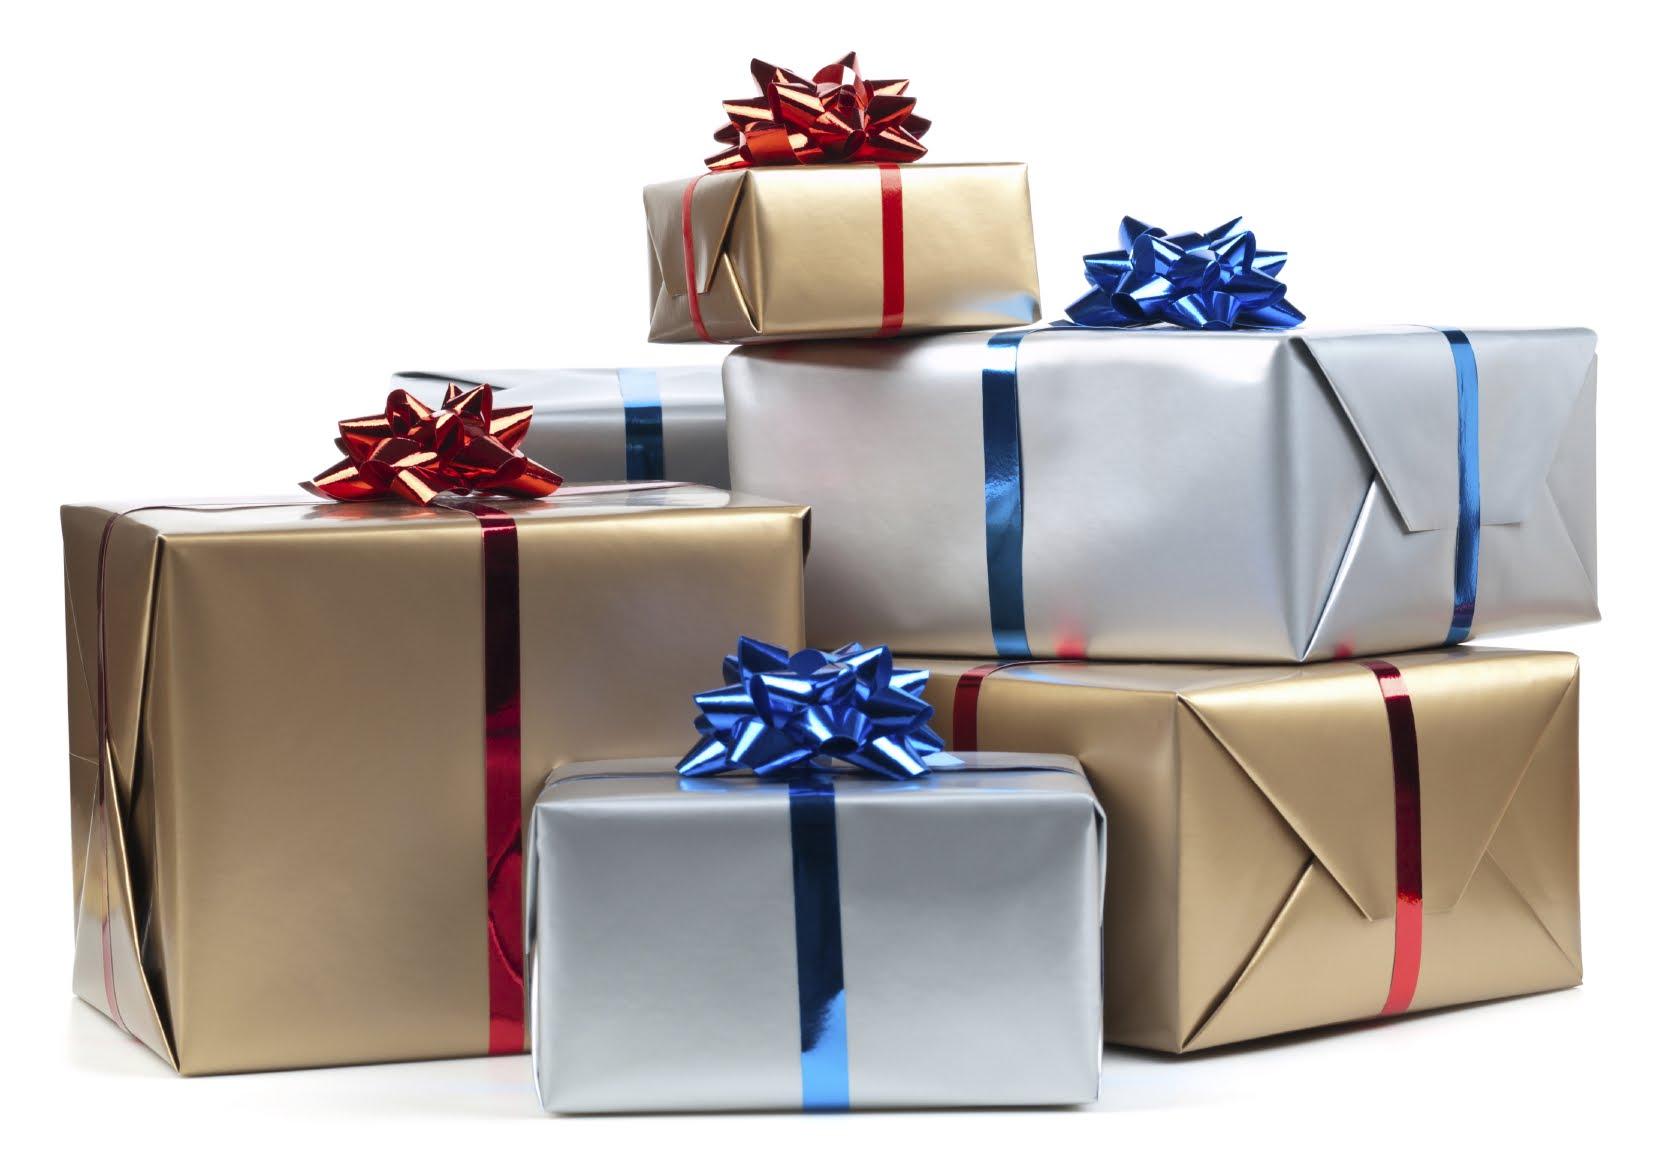 بالصور صور هدايا عيد ميلاد , بعض الافكار لهدايا اعياد الميلاد 1869 4